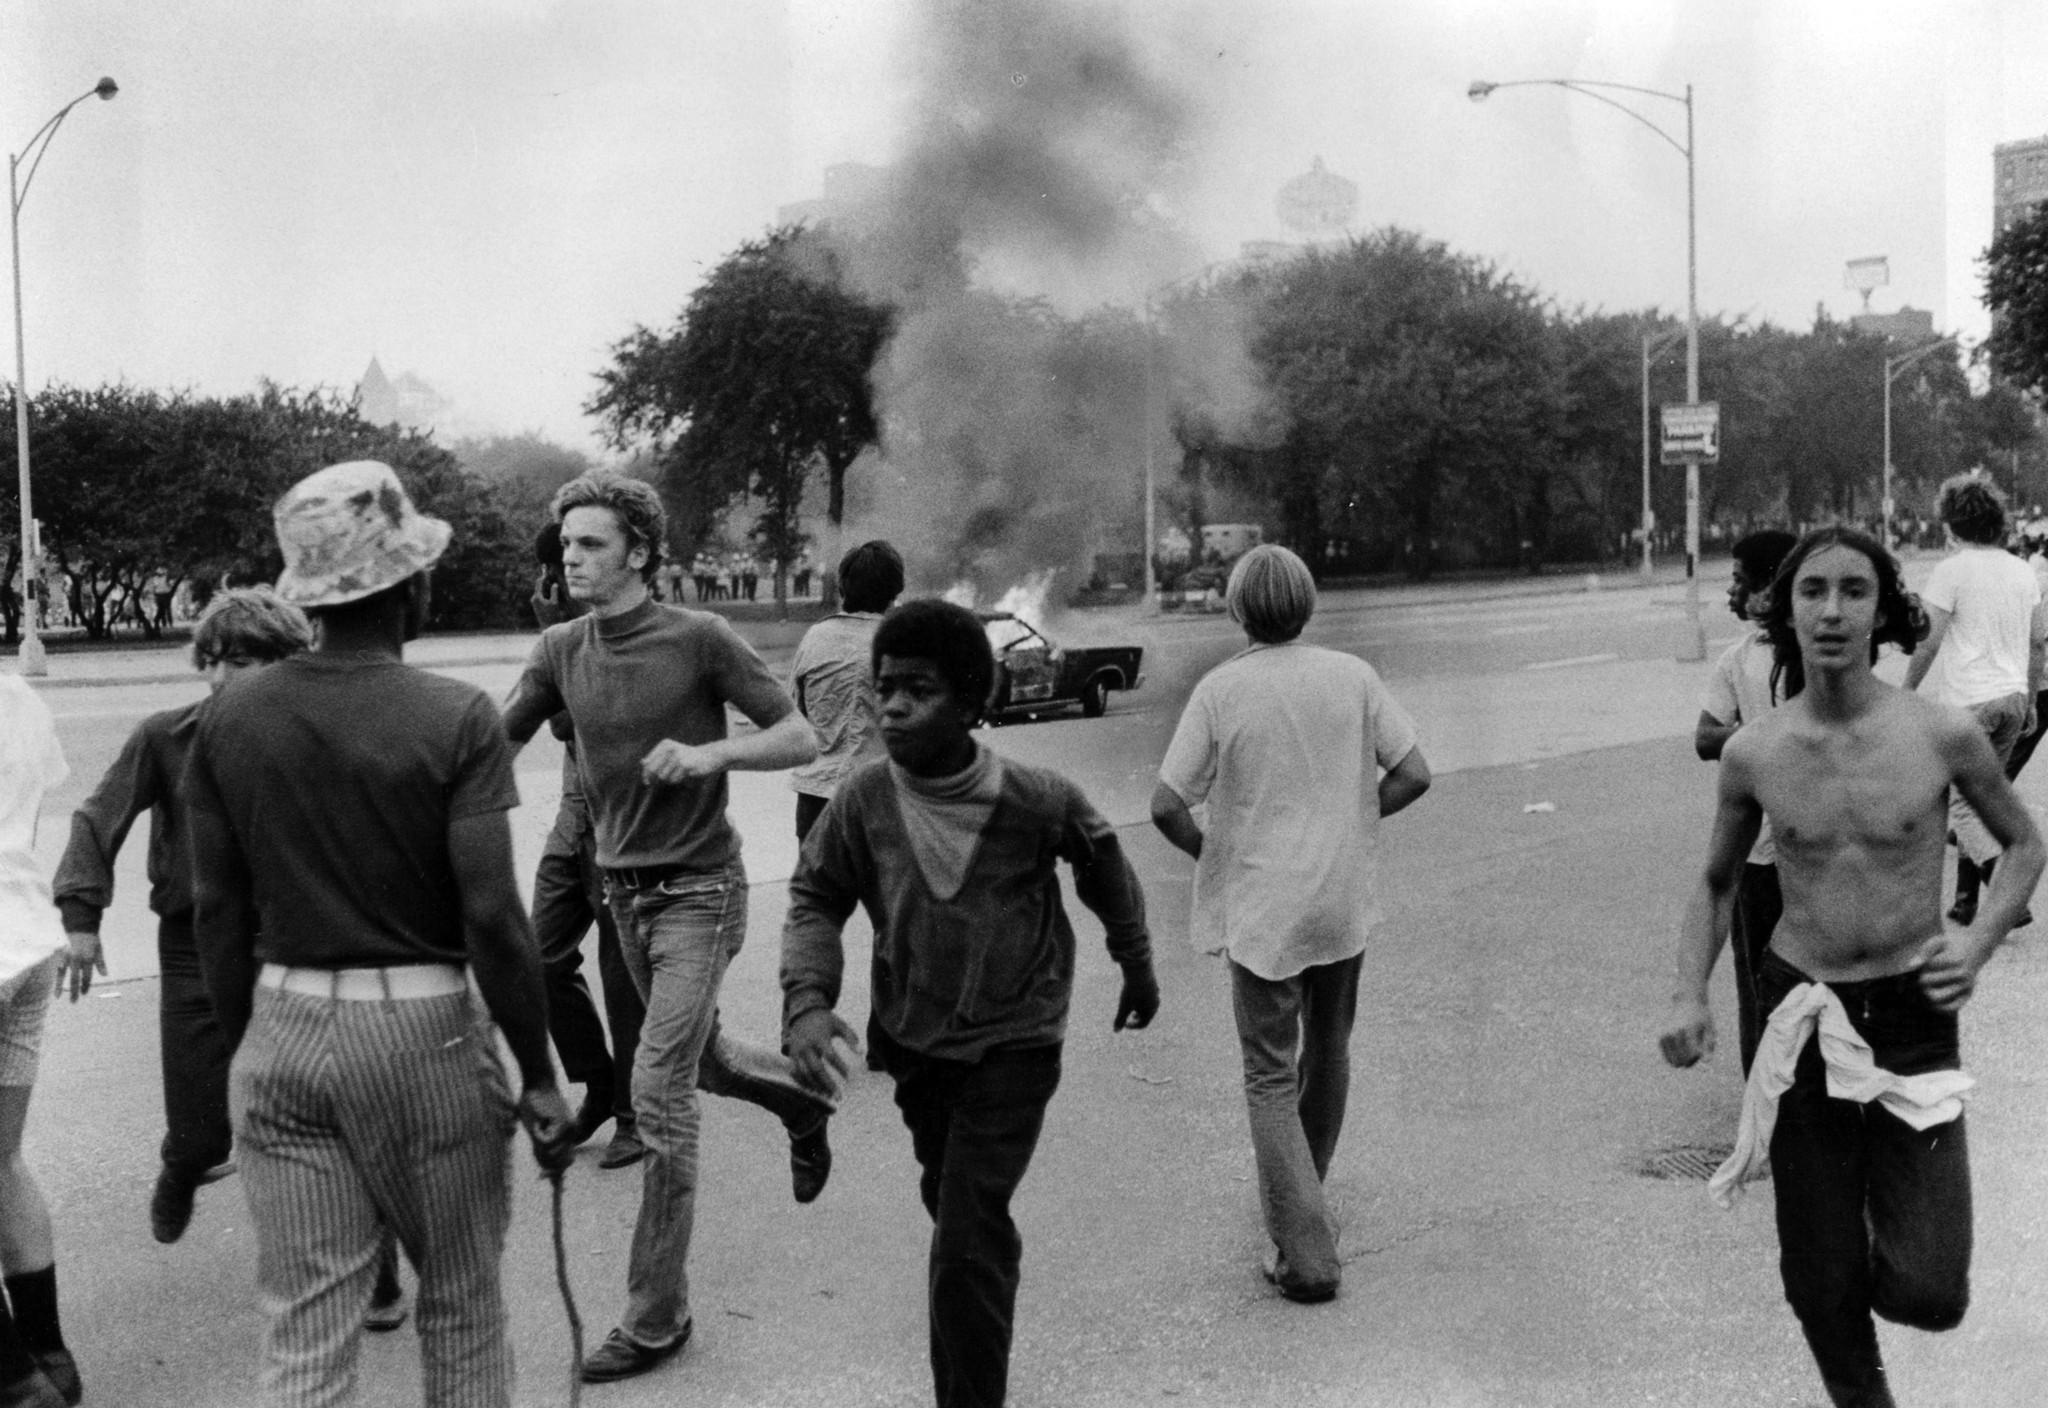 1970 riot in grant park chicago tribune